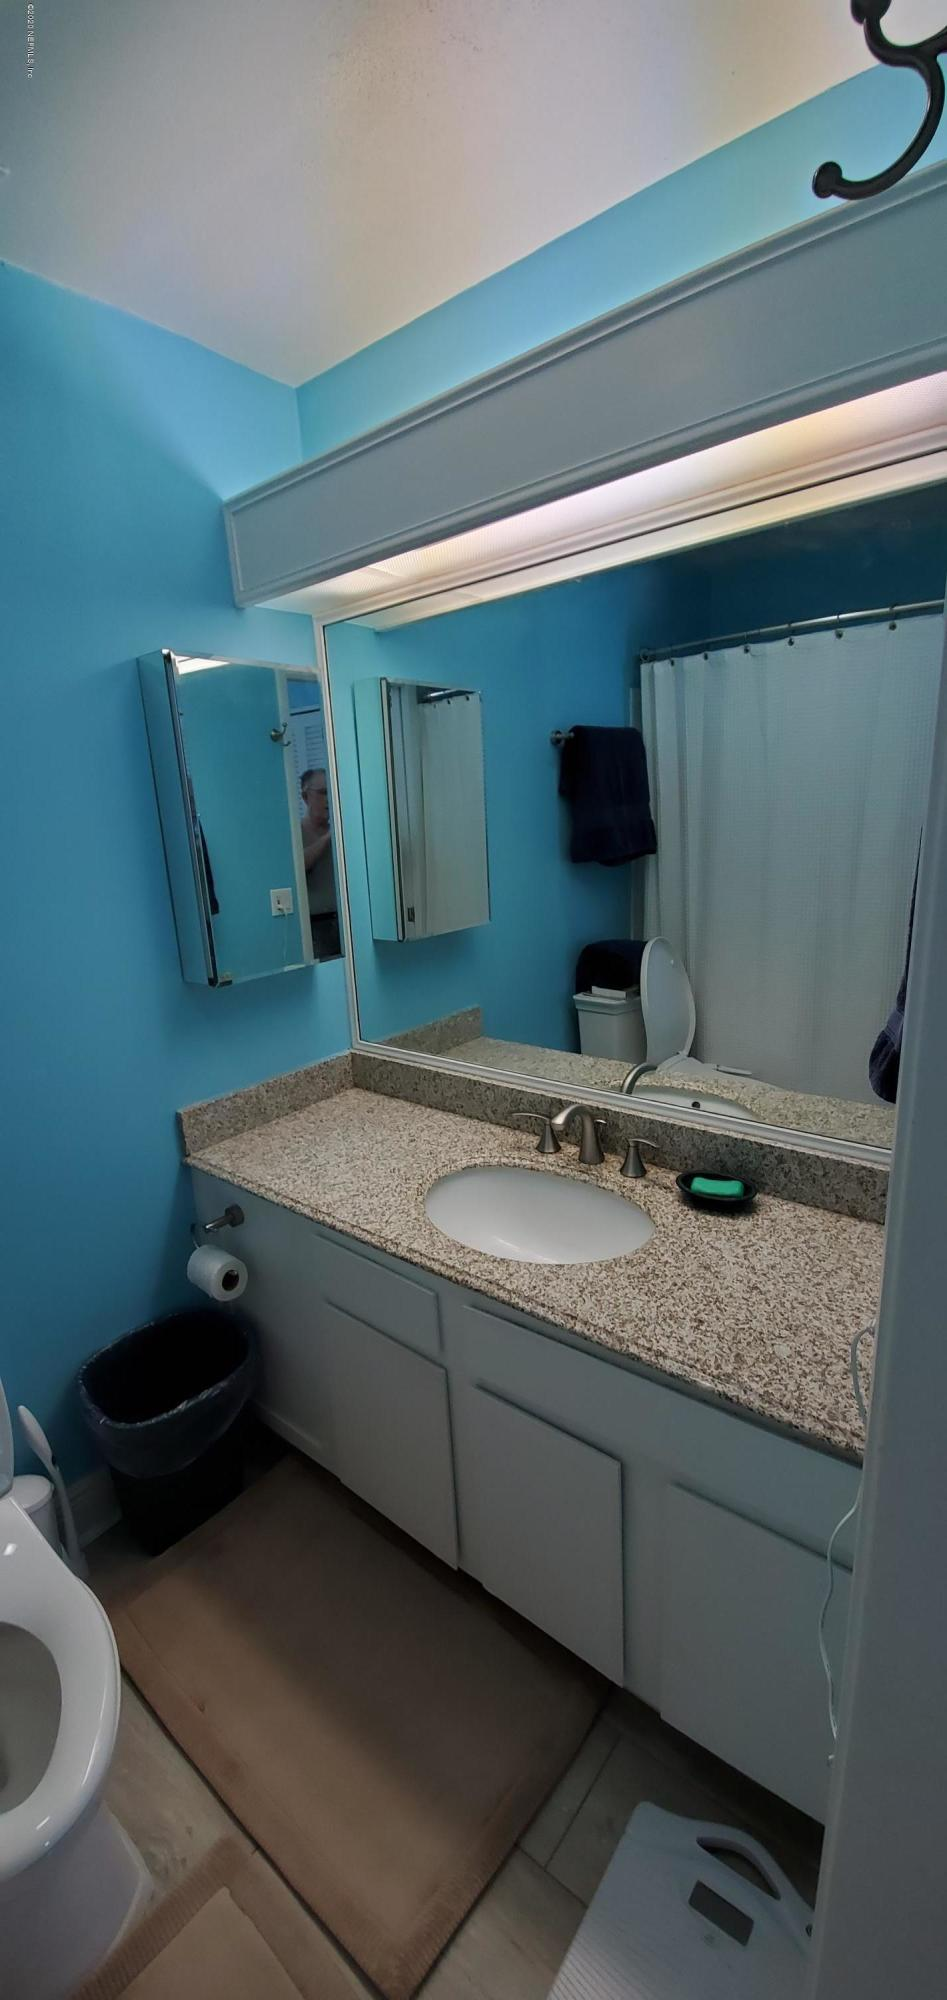 2415 COSTA VERDE, JACKSONVILLE BEACH, FLORIDA 32250, 3 Bedrooms Bedrooms, ,2 BathroomsBathrooms,Residential,For sale,COSTA VERDE,1059350